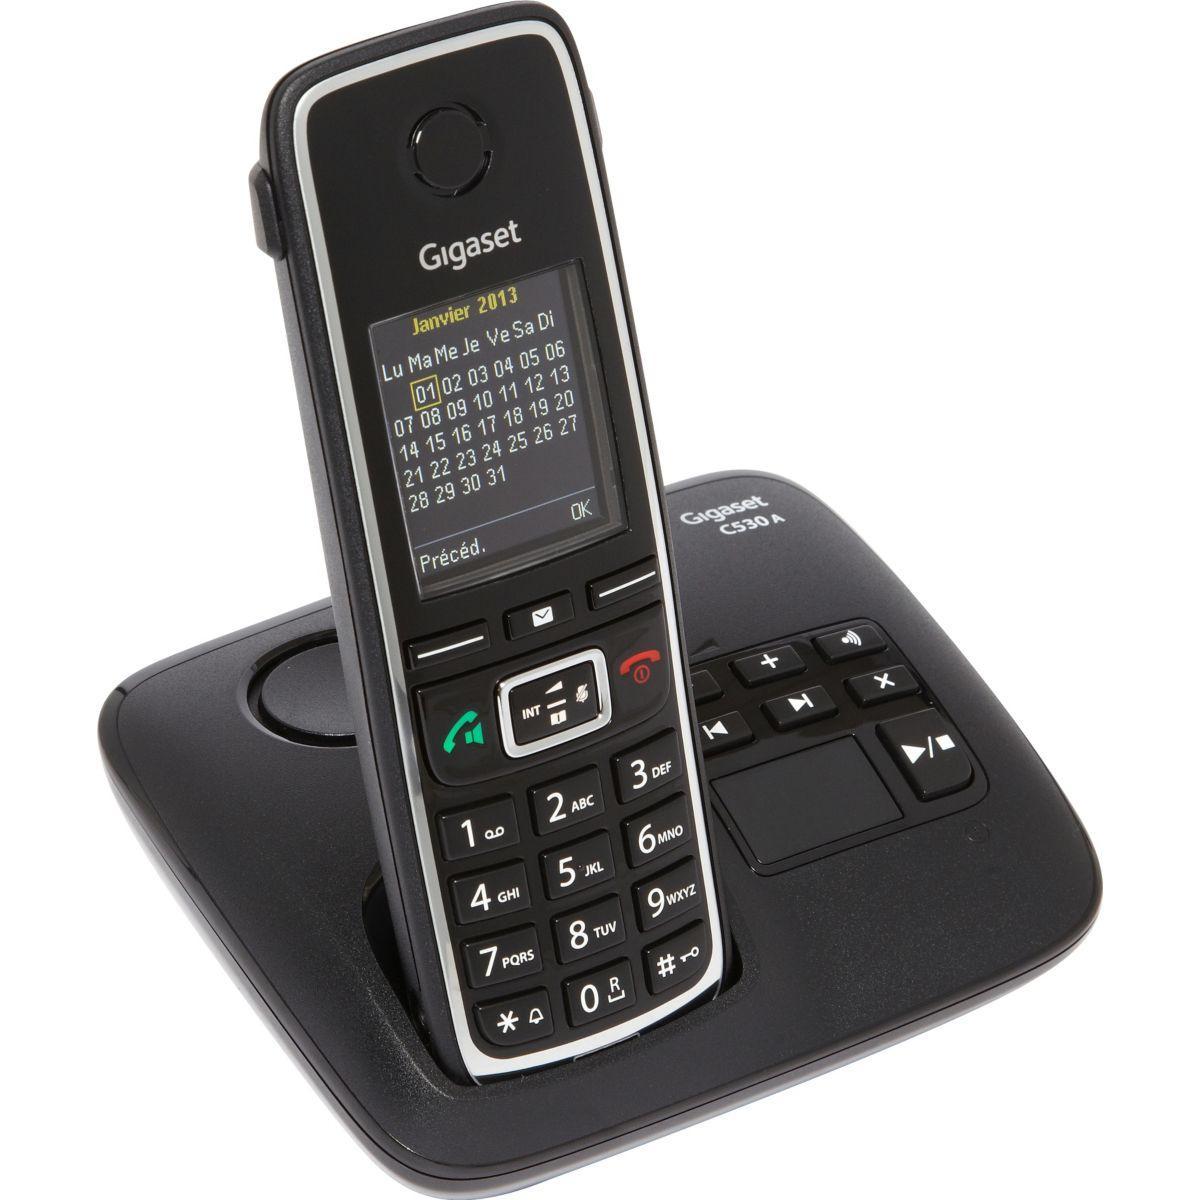 Téléphone répondeur sans fil gigaset c530a noir - livraison offerte avec le code livofferte (photo)